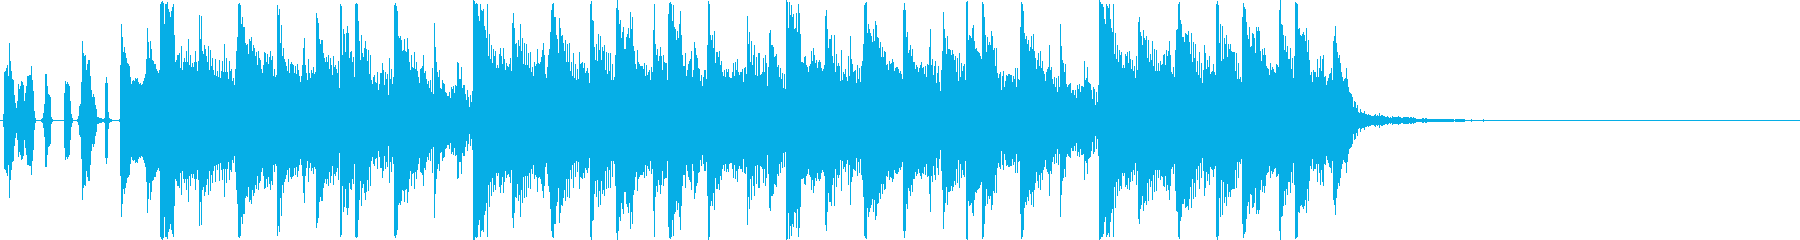 【ジングル】和楽器おしゃれHIPHOPの再生済みの波形